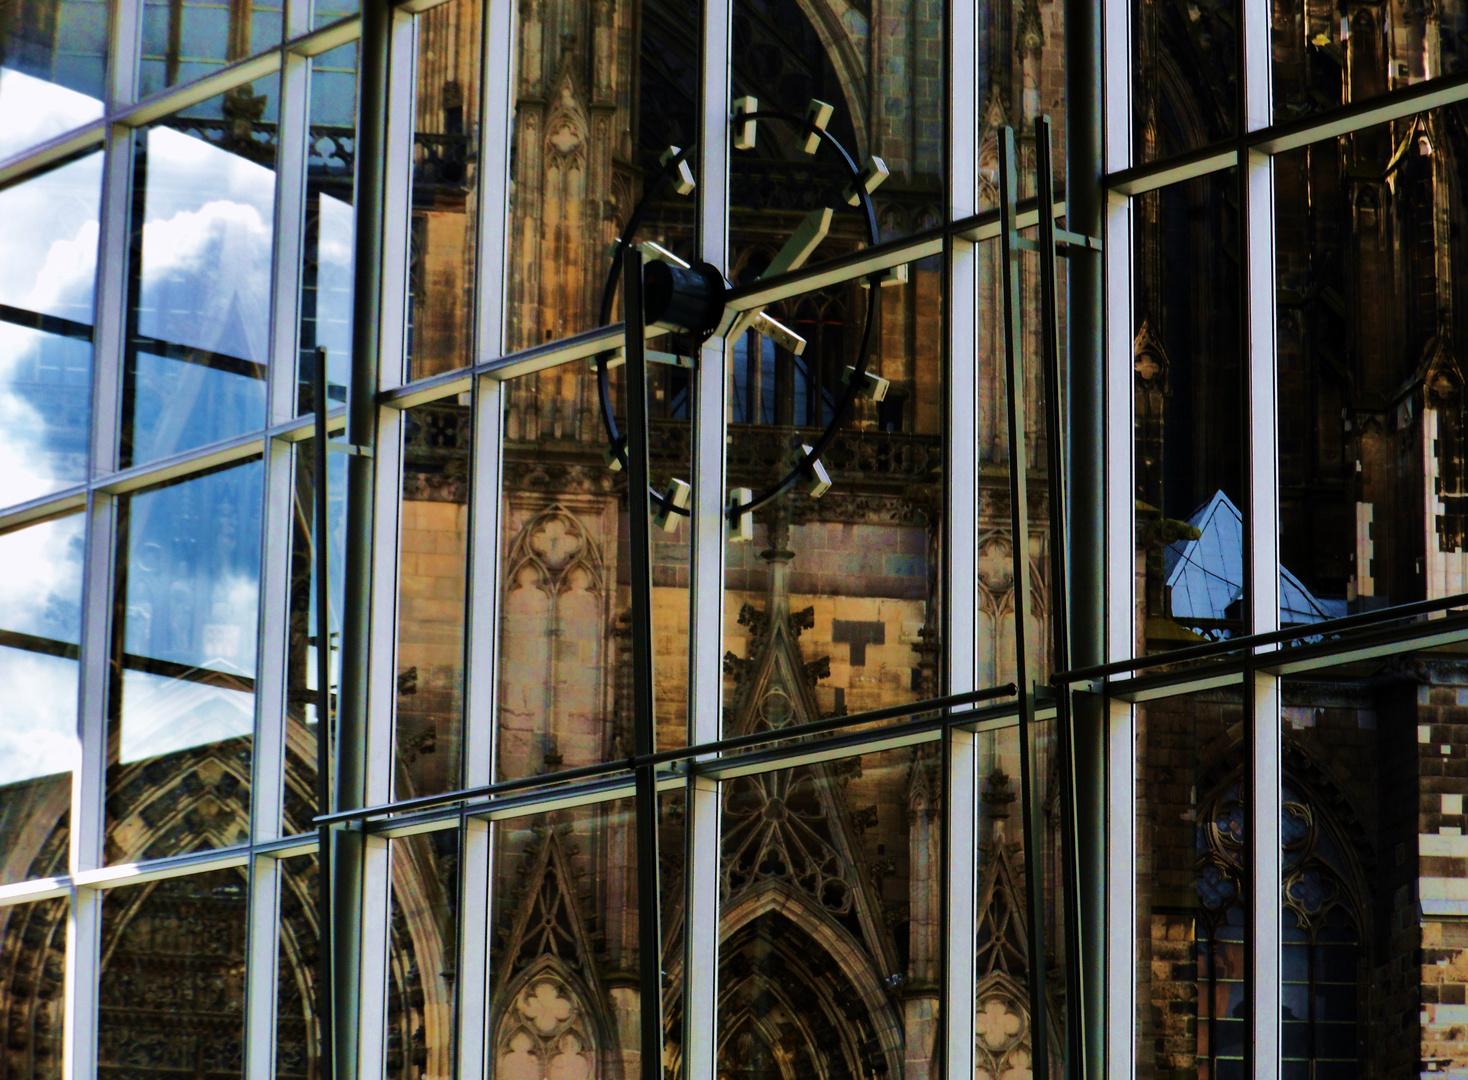 auf der anderen Seite des Fensters der Dom